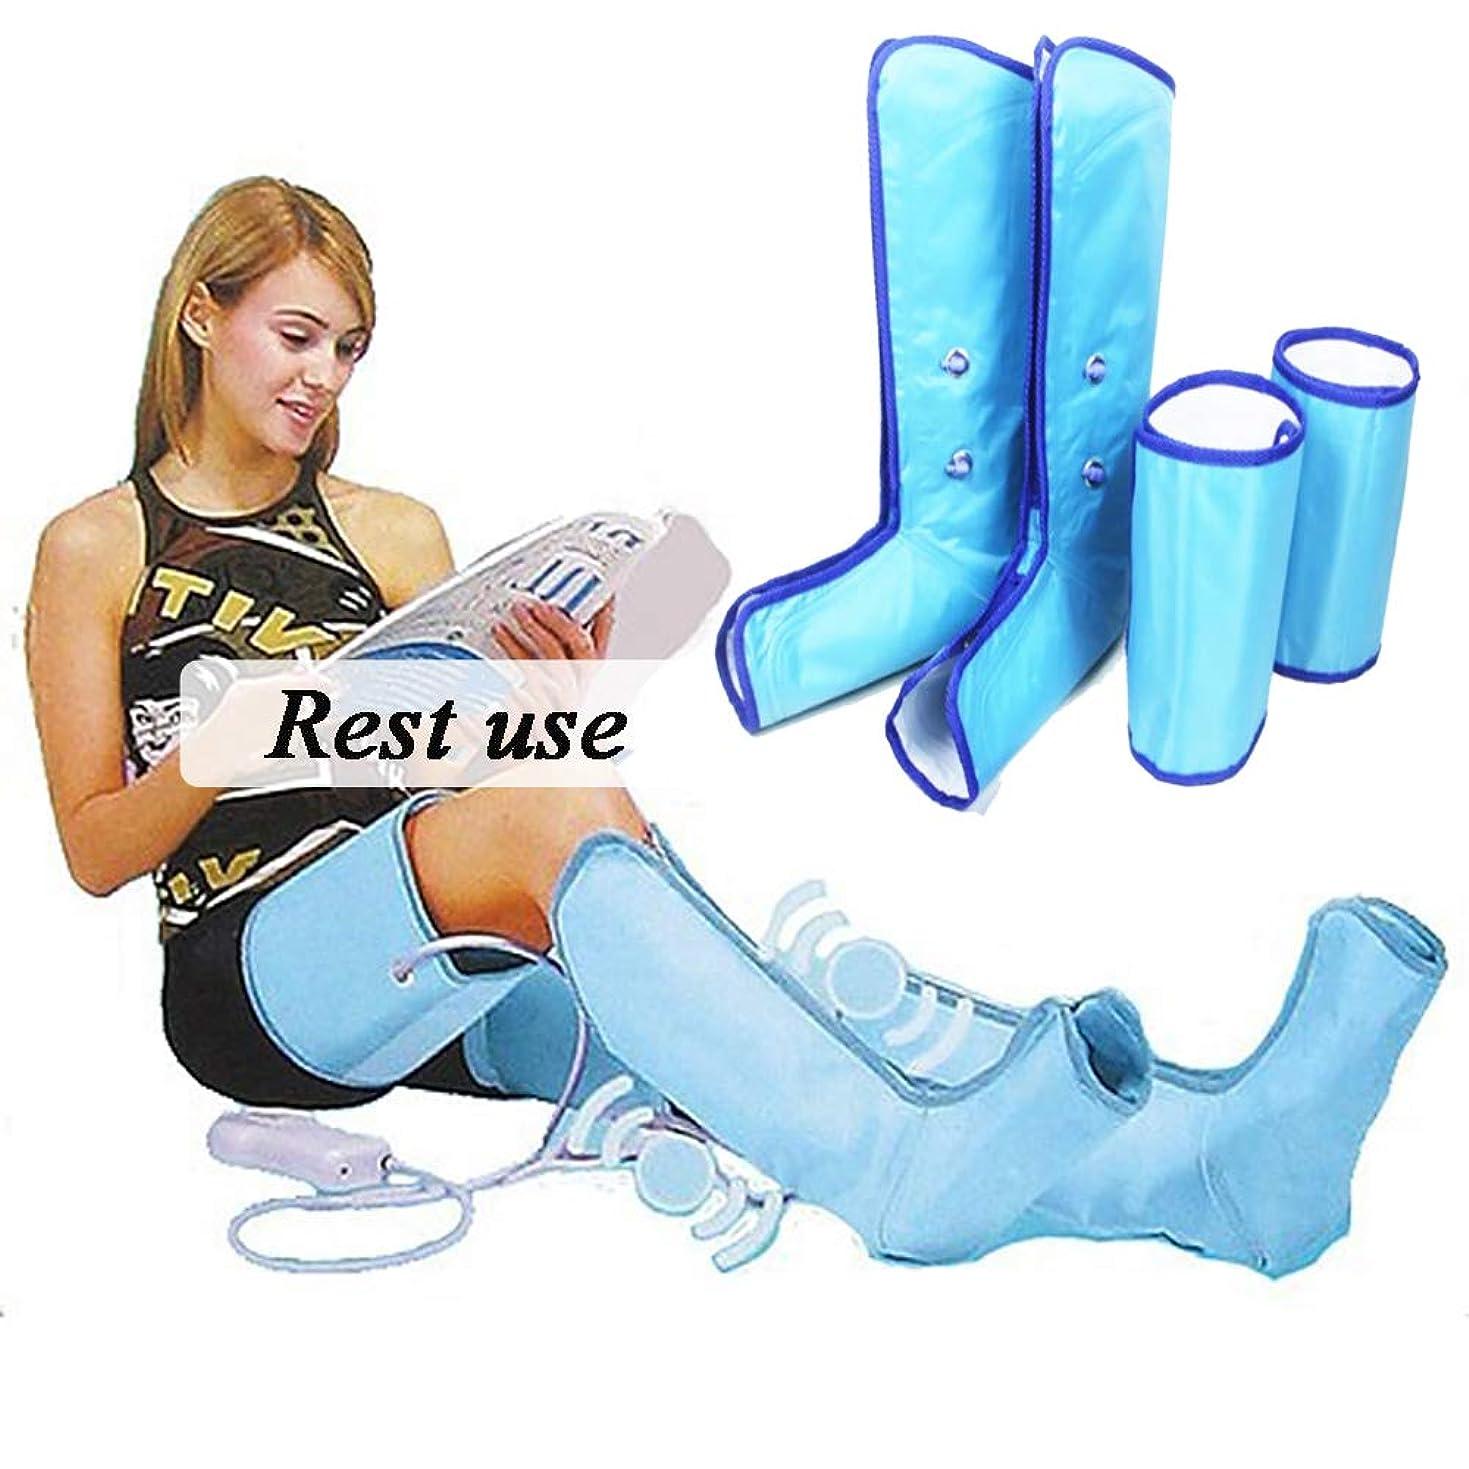 過激派強大なパキスタン人足のマッサージトマッサージャー循環と筋肉のリラクゼーションに役立つ足とふくらはぎの空気圧縮マッサージを備えたレッグマッサージャー